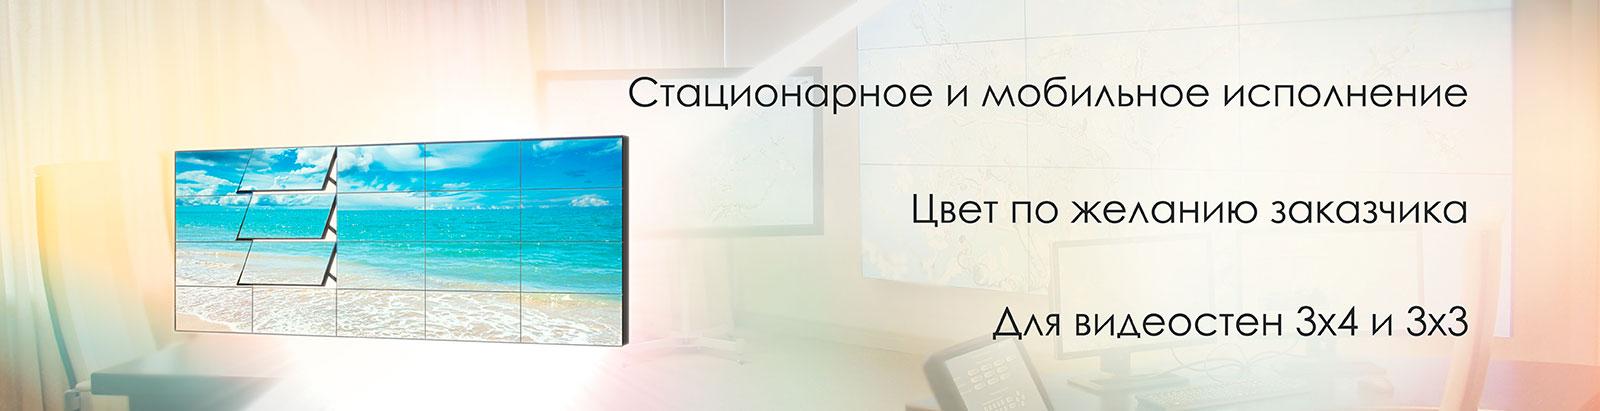 Универсальное настенное крепление для видеостены для дисплеев 46″-55″ MP-WM